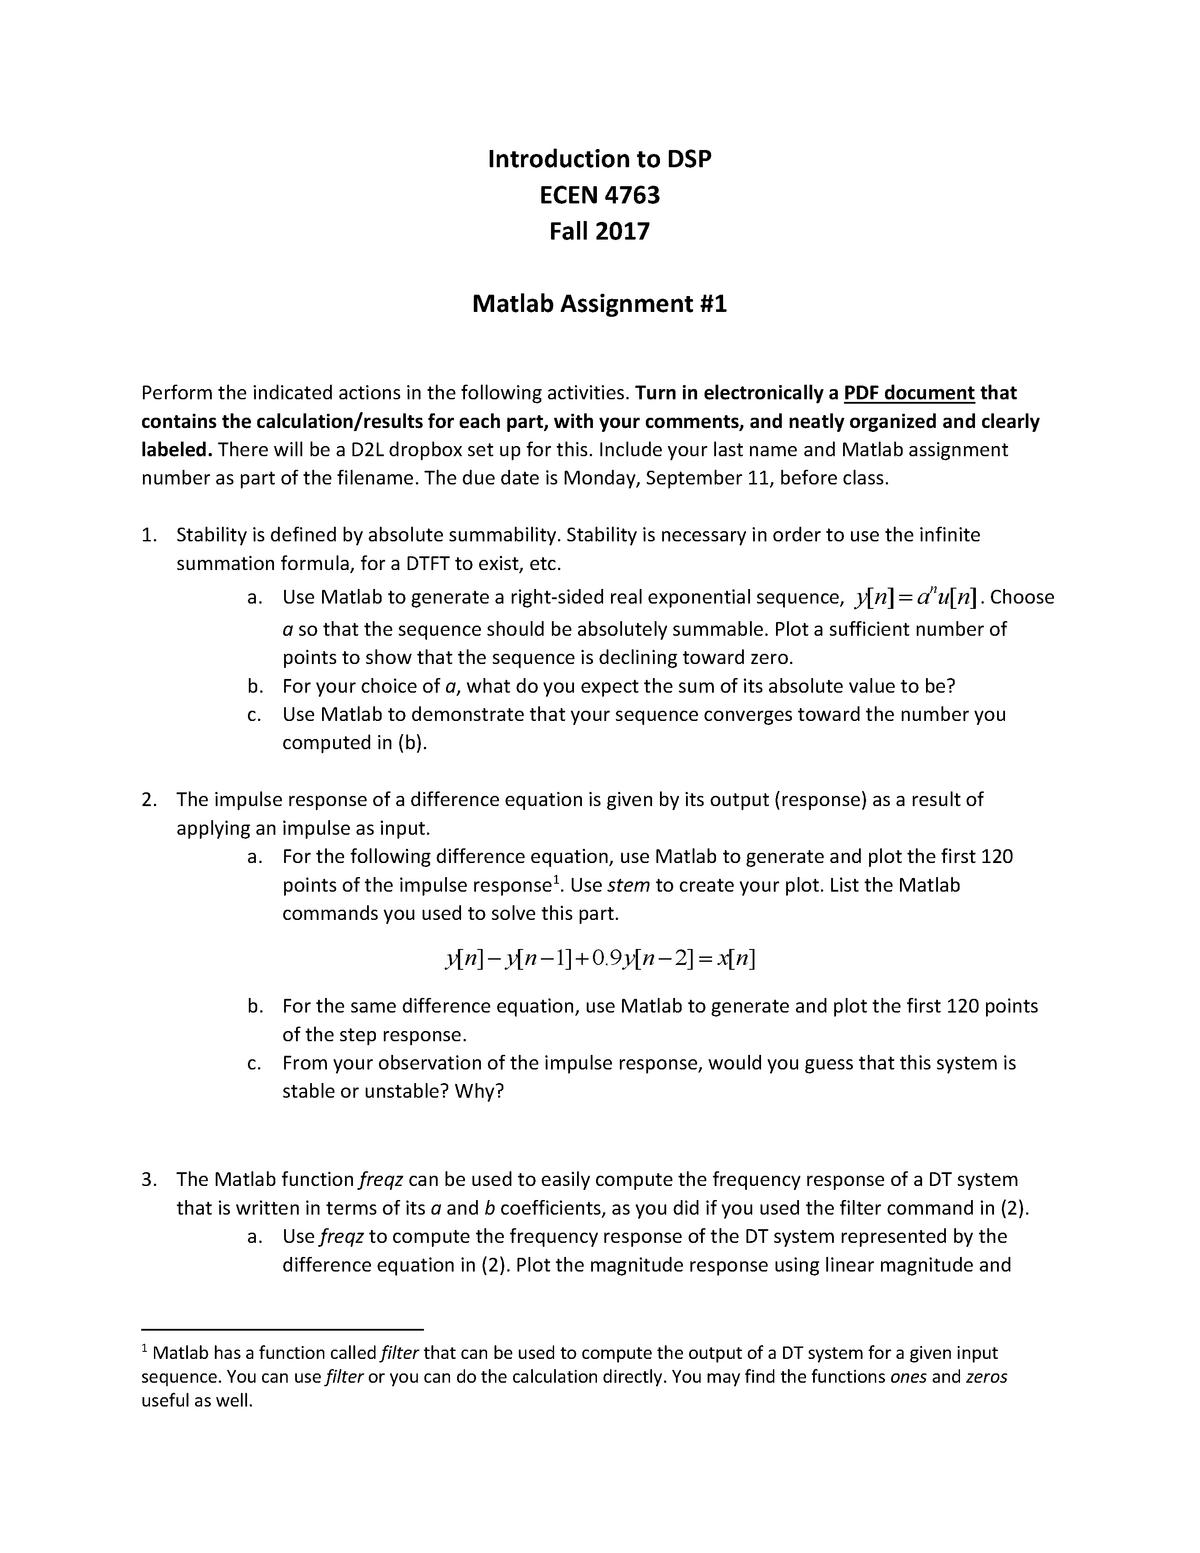 Matlab Assignment 1 (Questions only) - ECEN 4763